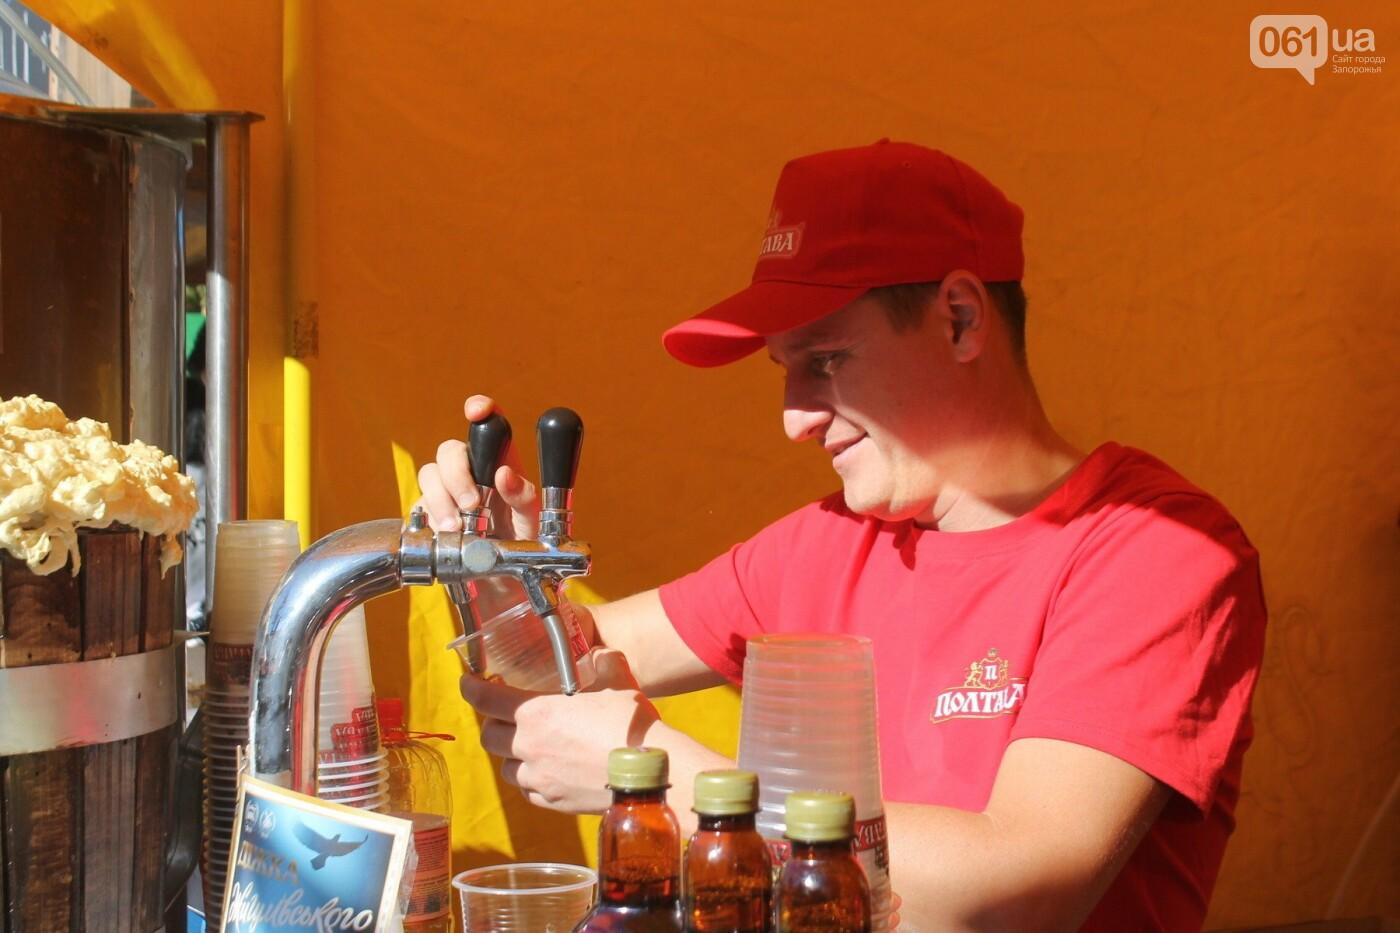 Как в Запорожье прошел пивной фестиваль «Beluga Beer fest», – ФОТОРЕПОРТАЖ, фото-10